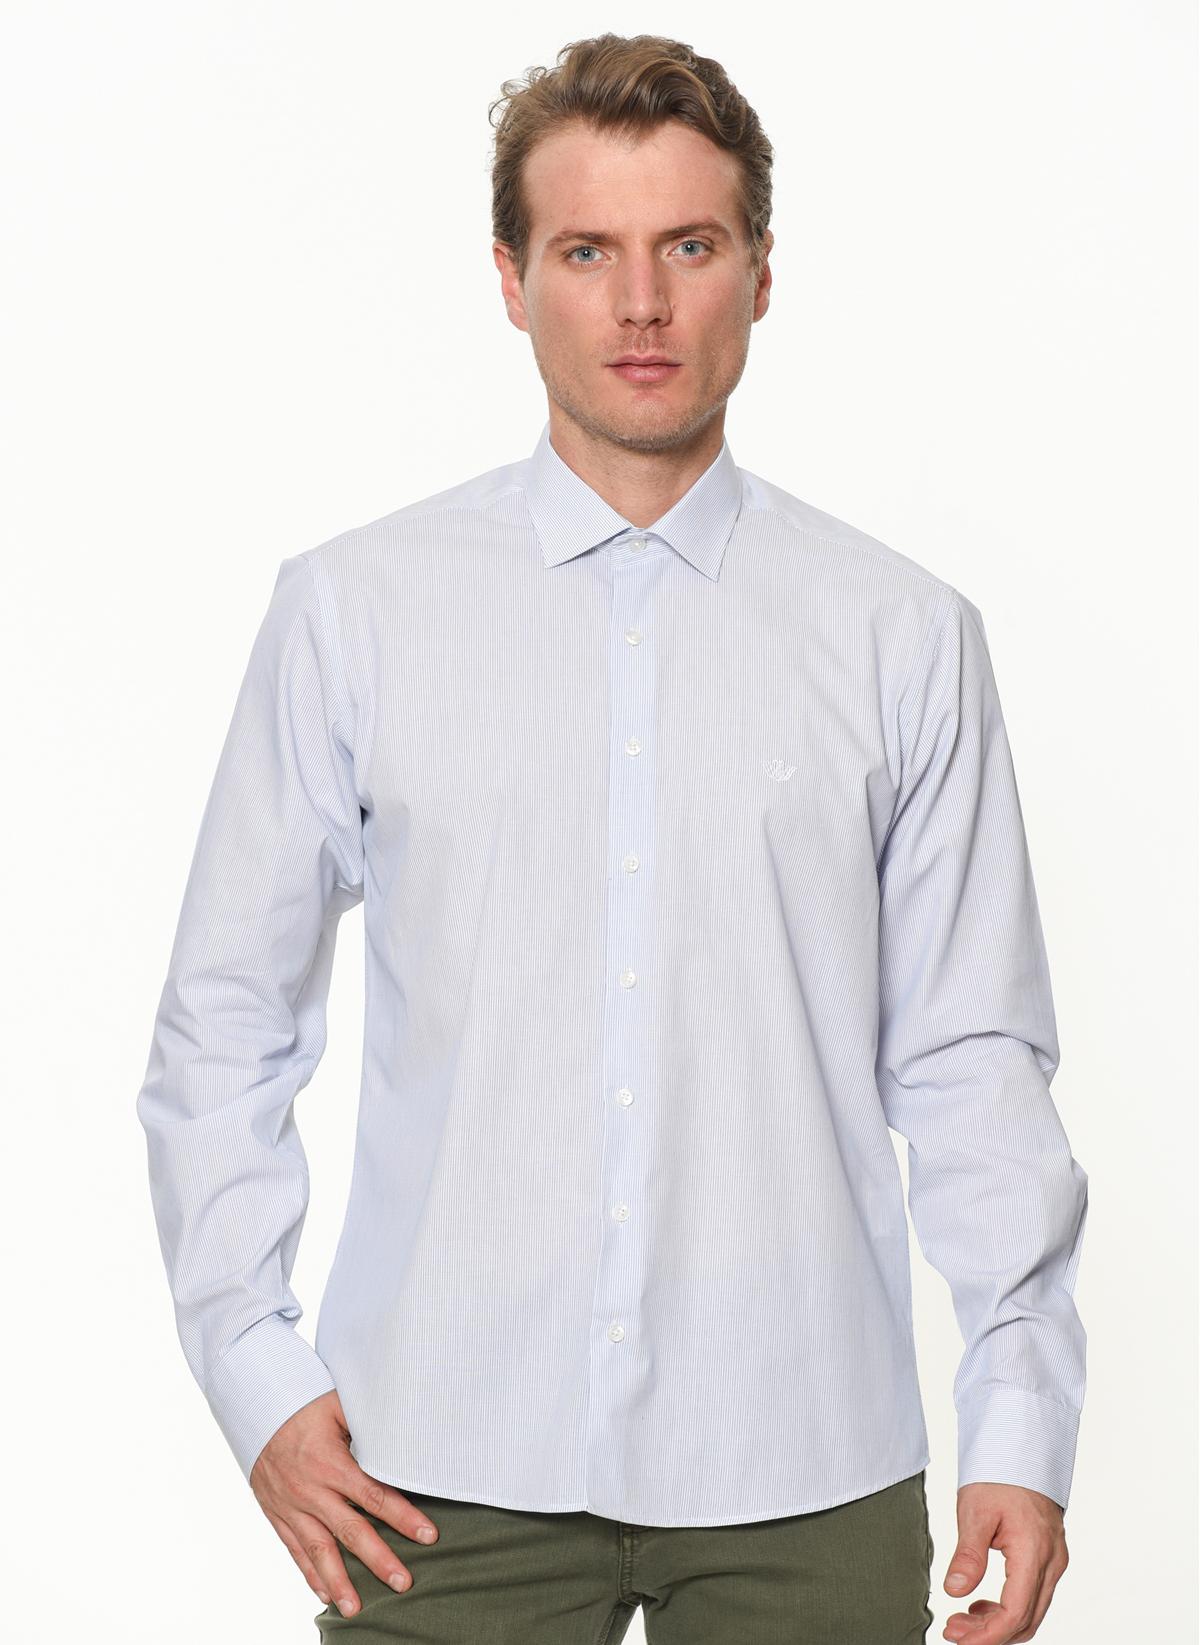 Beymen Business Gömlek L 5002327798003 Ürün Resmi